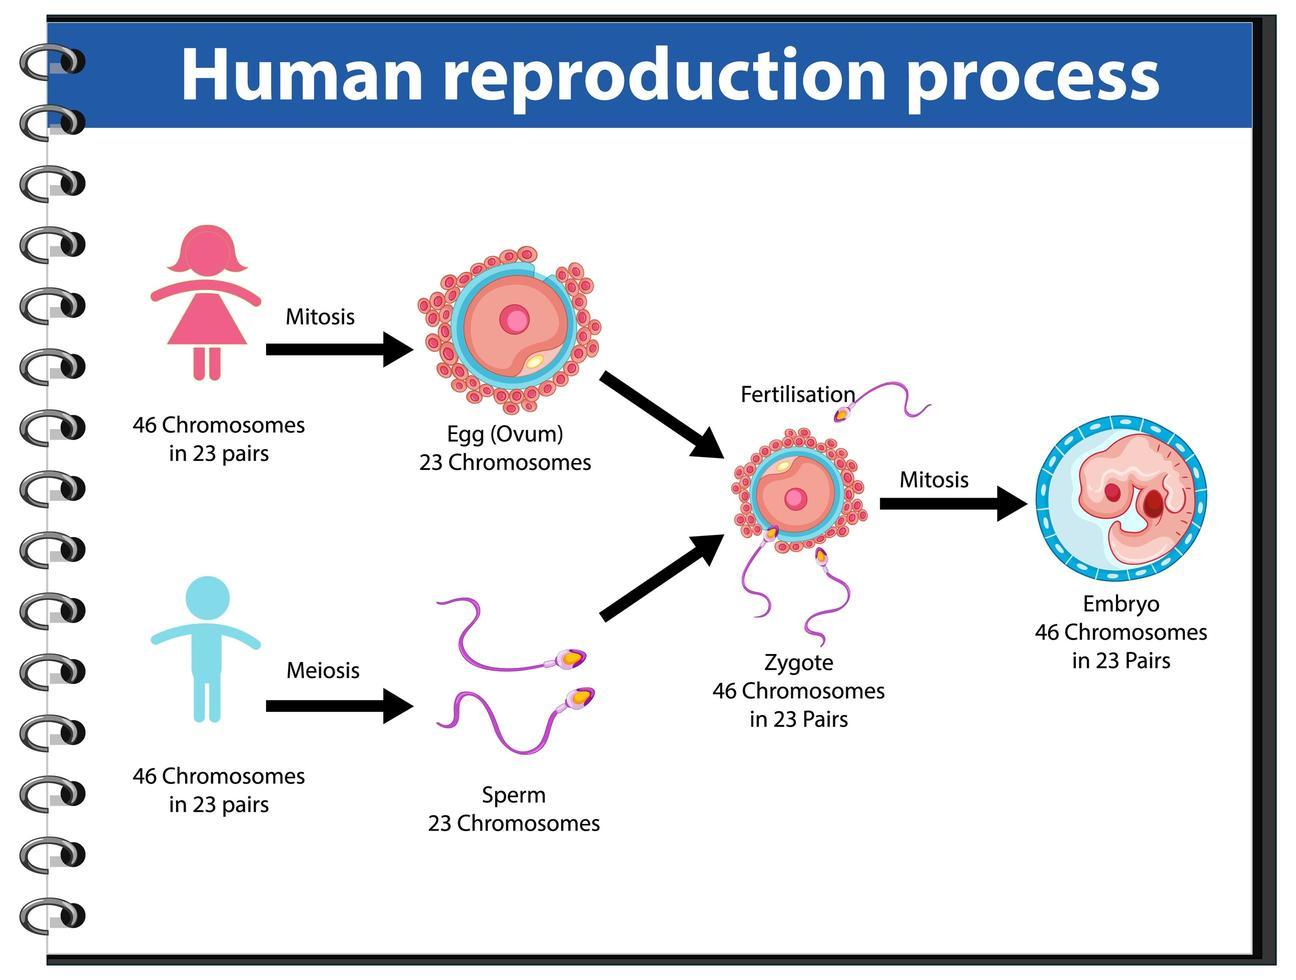 reproductieproces van menselijke infographic vector